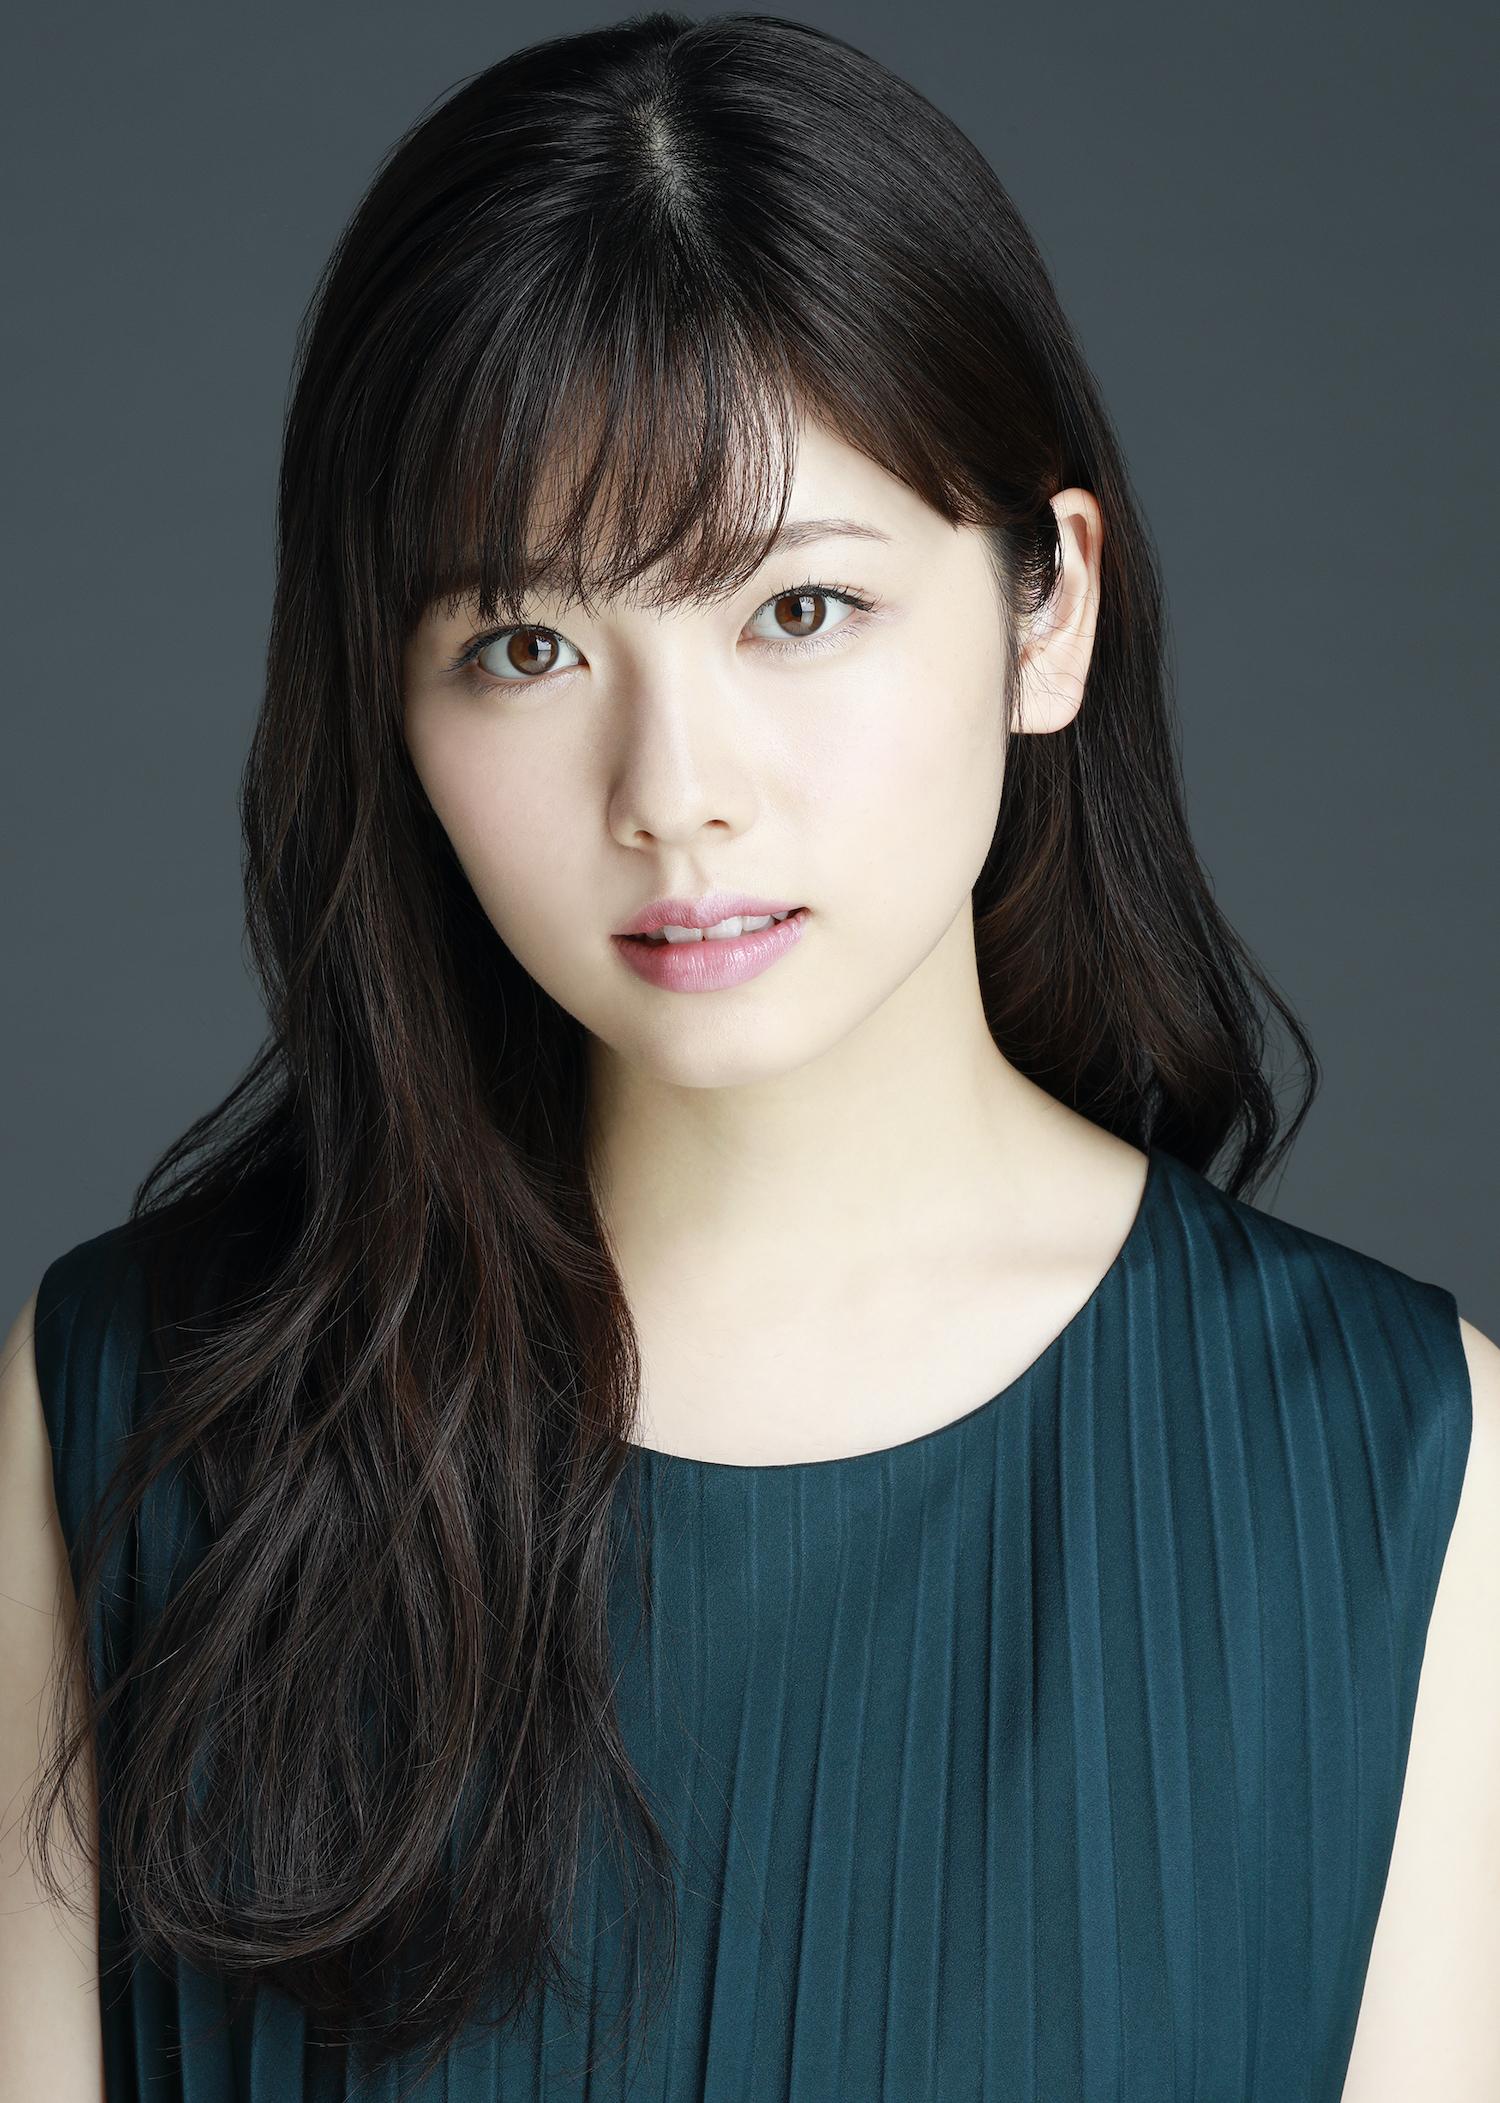 小芝風花 ACTRESS(女優)、モデル